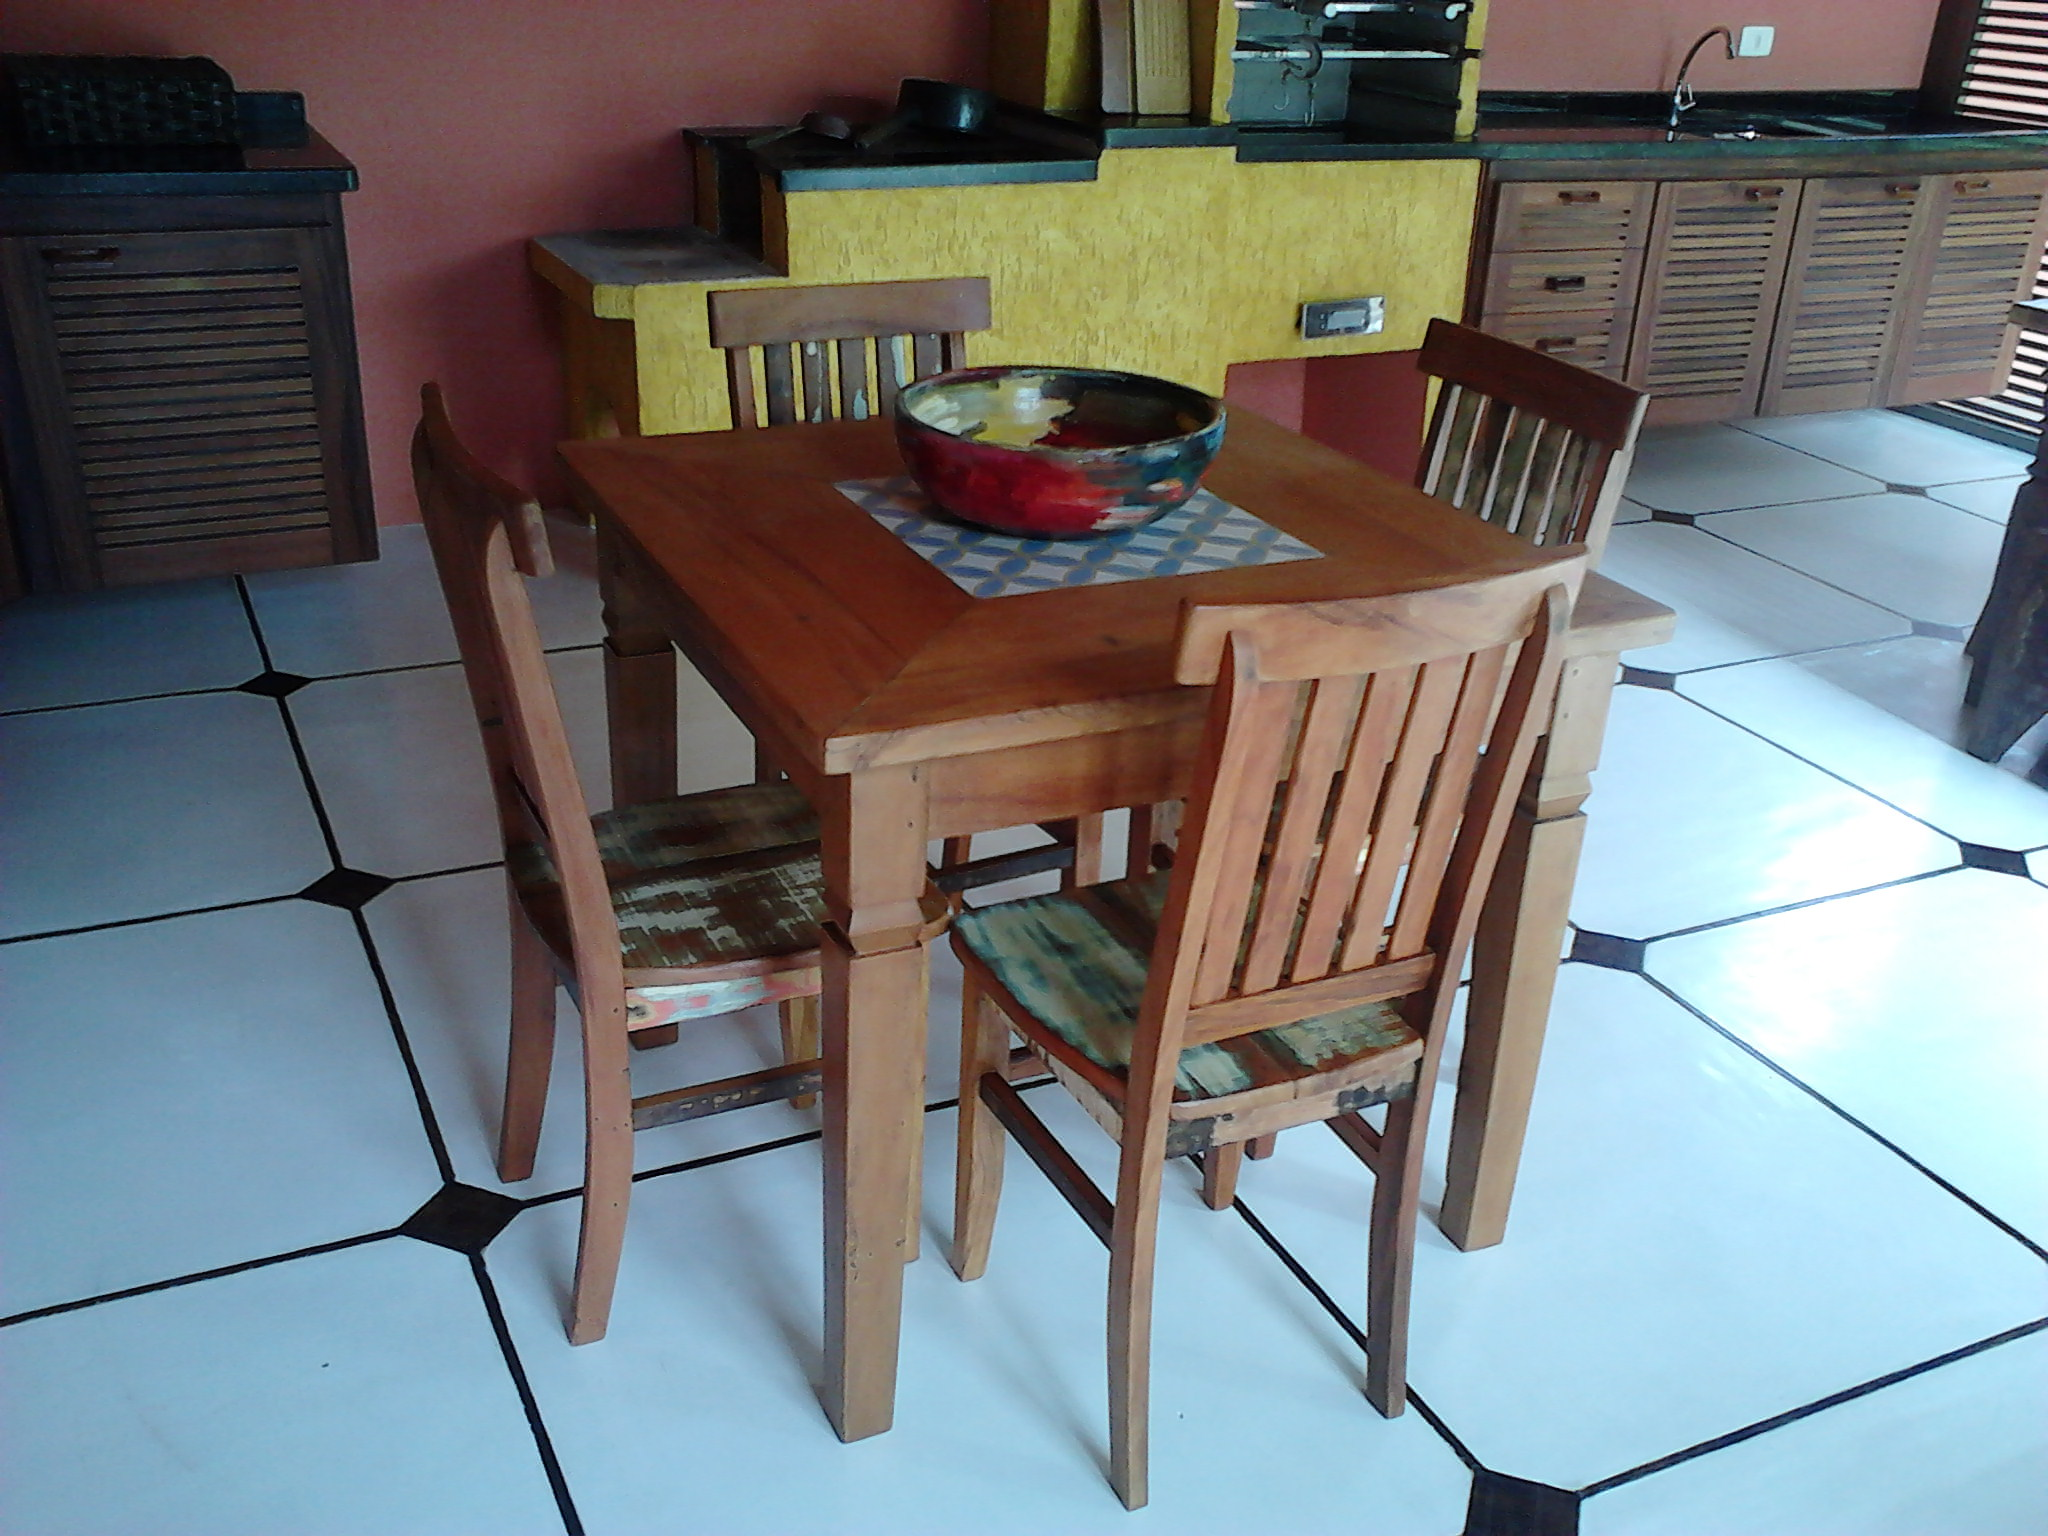 mesa_de_demolição_com_ladrilho_e_cadeiras_mineiras_(3)